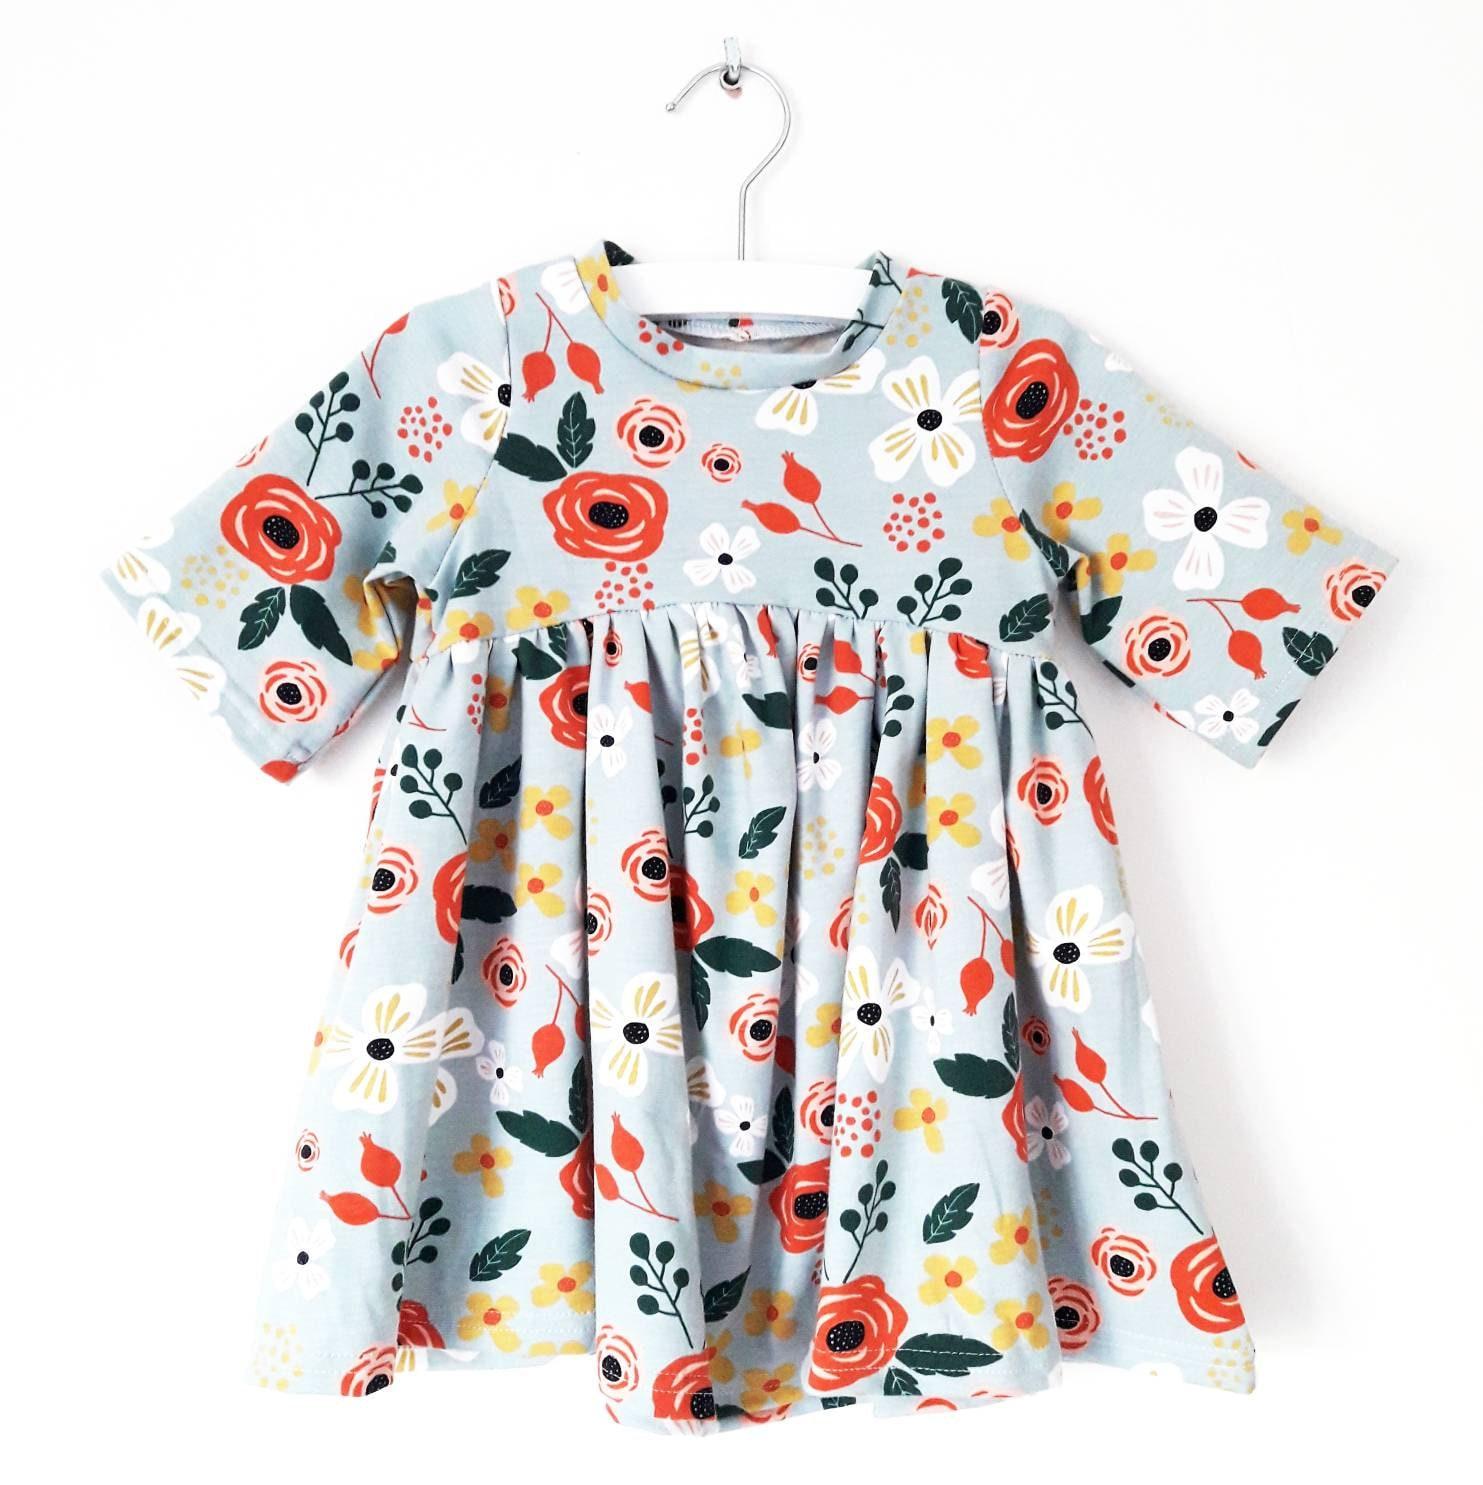 c25b9e8404de Girl bohemian flower dress Ruffle floral skirt dress for | Etsy